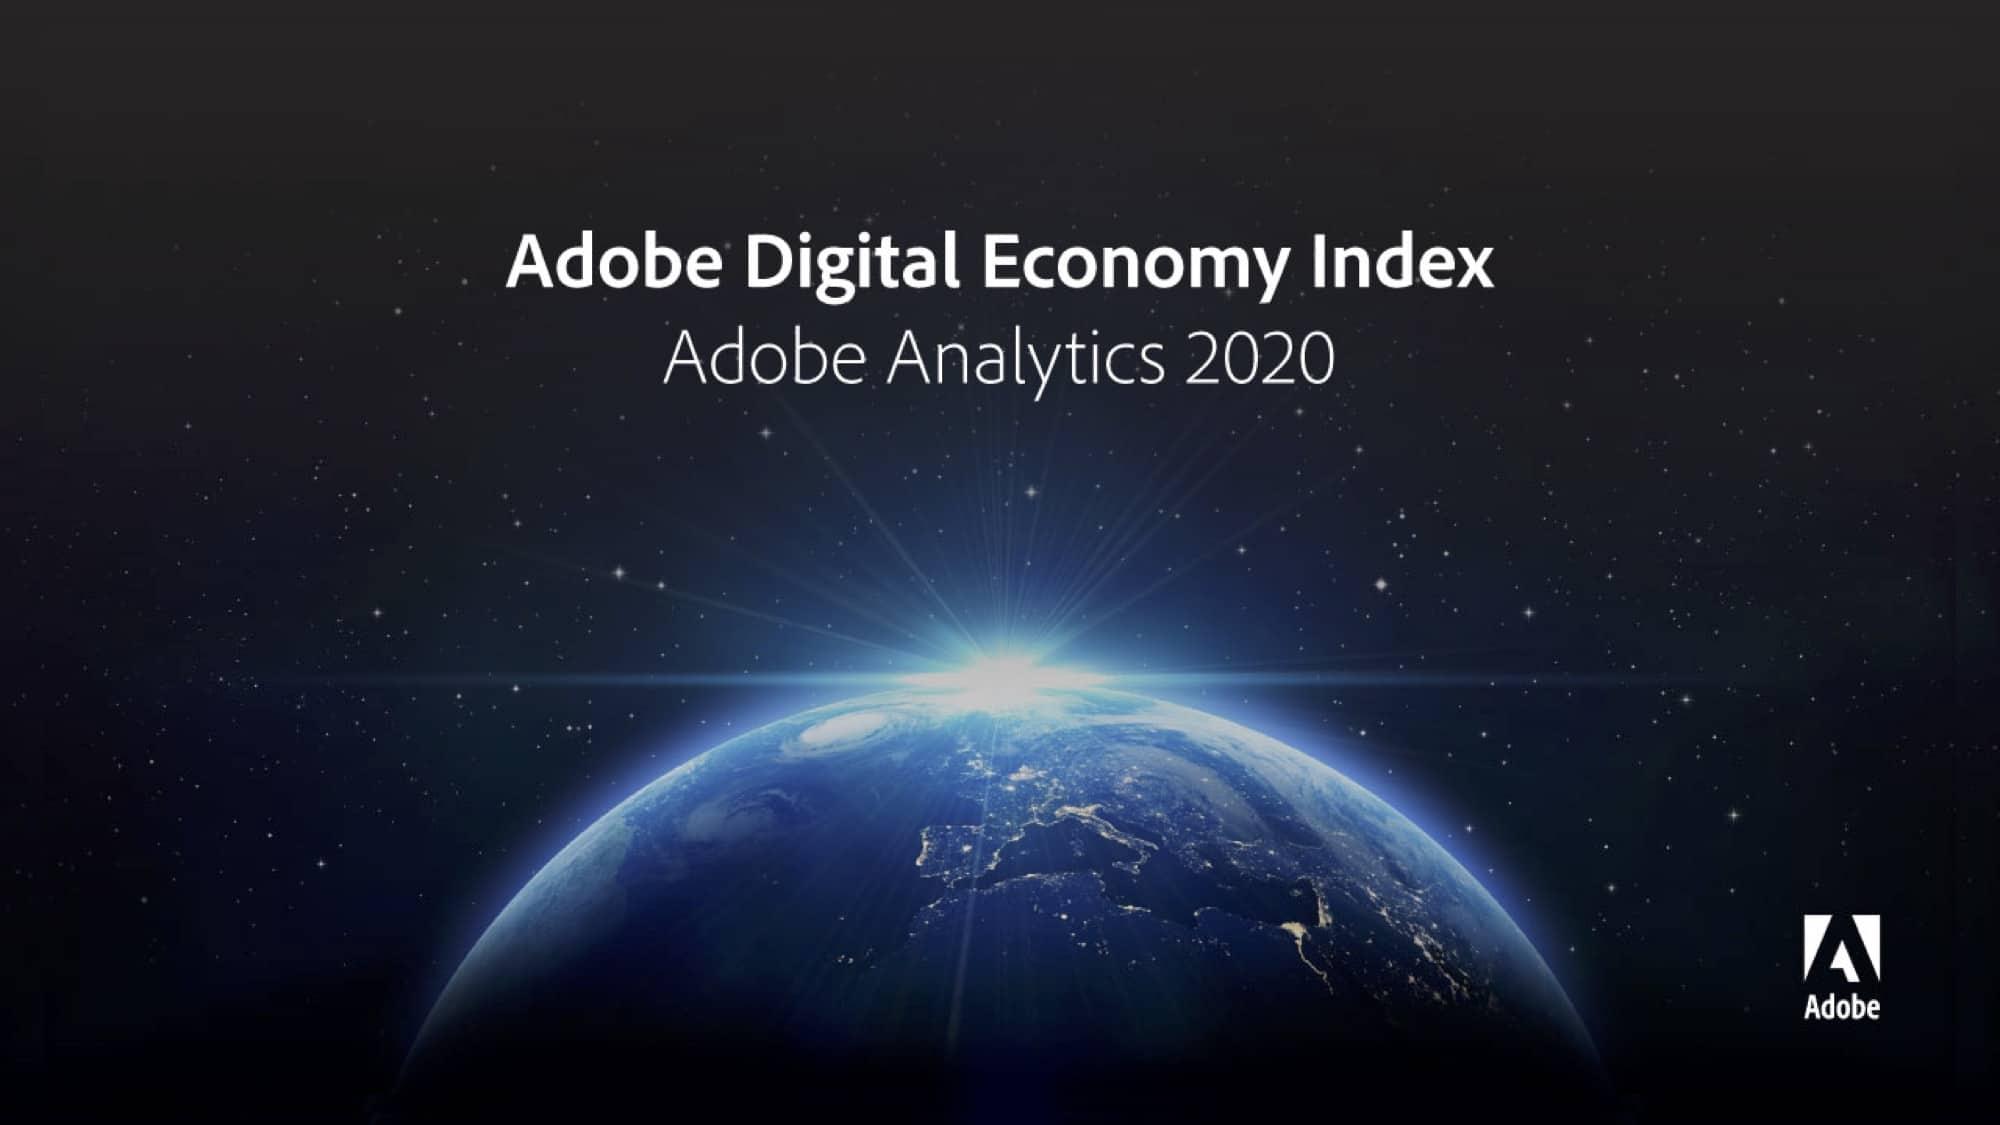 Digital Economy Index 2020 รายงานดัชนีเศรษฐกิจดิจิทัลครั้งแรกจาก Adobe